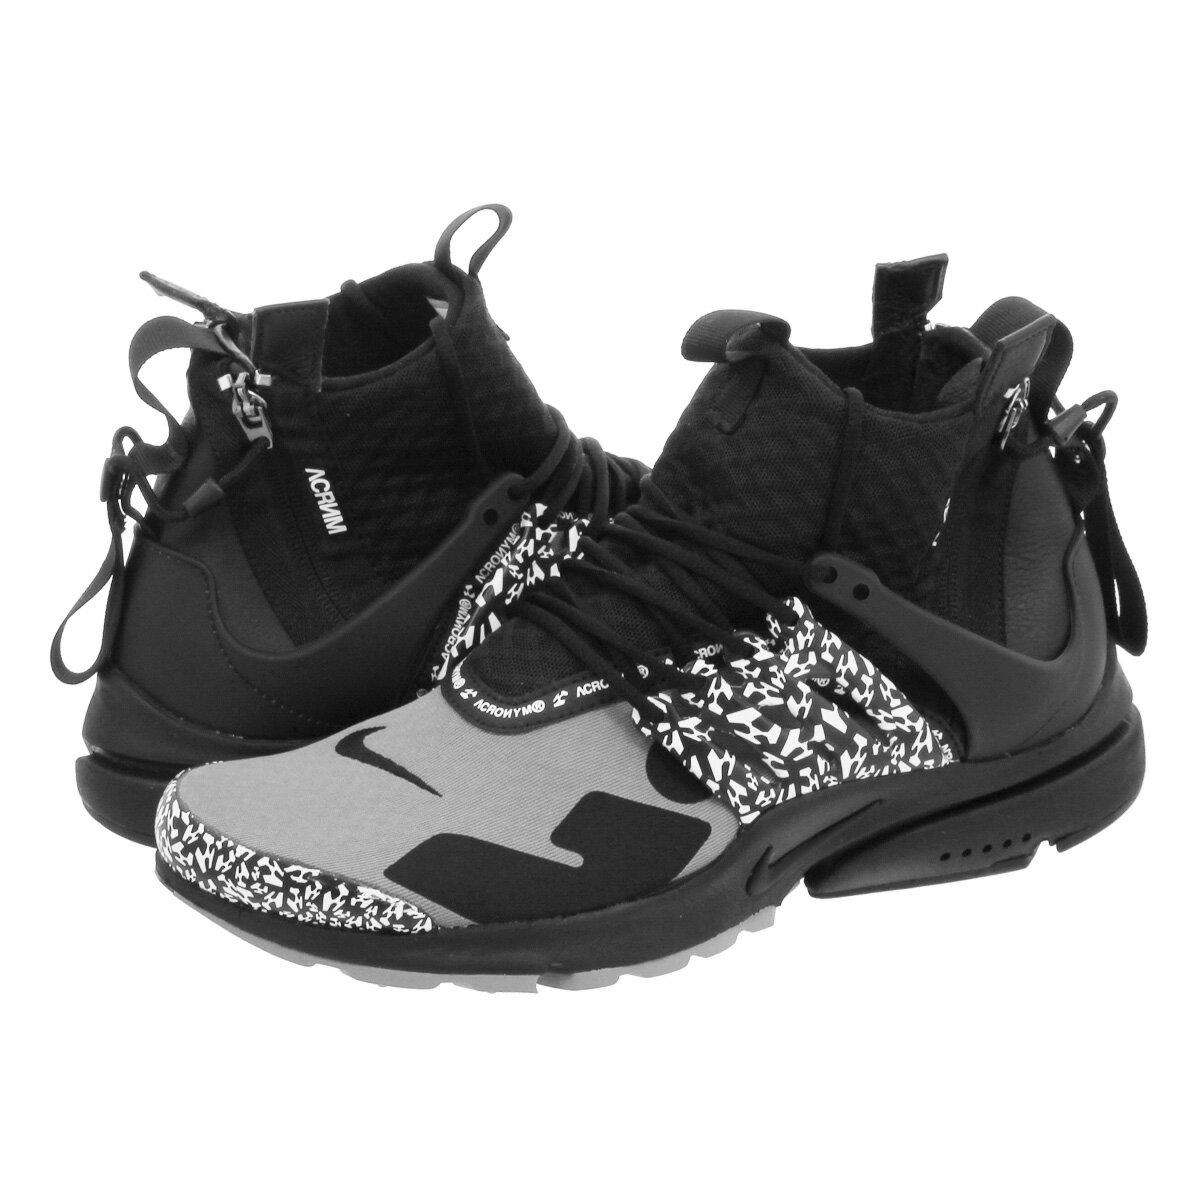 メンズ靴, スニーカー NIKE ACRONYM AIR PRESTO MID COOL GREYBLACK ah7832-001